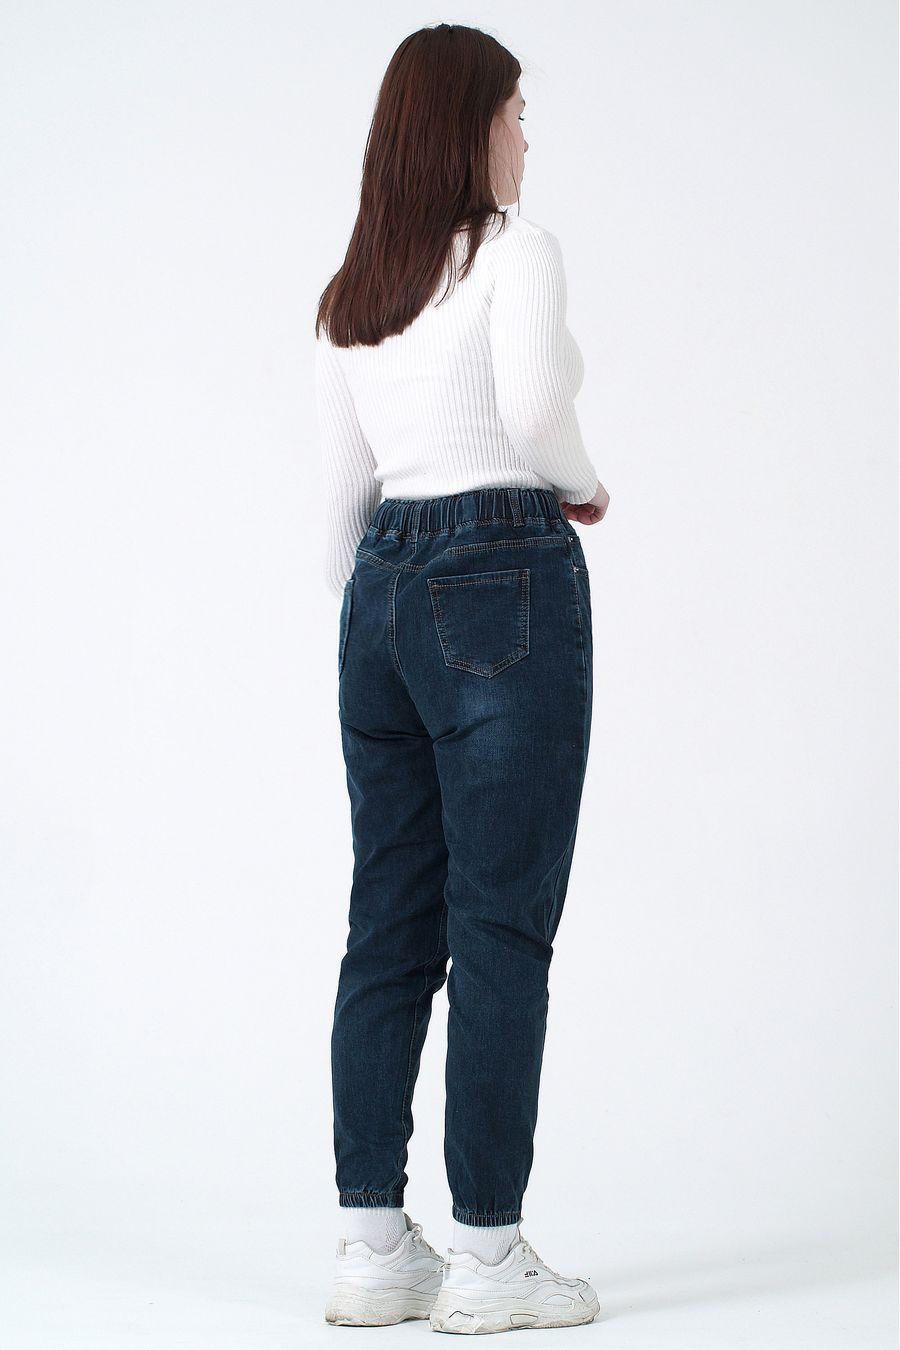 Джинсы женские K.Y Jeans 169 утепленные - фото 2